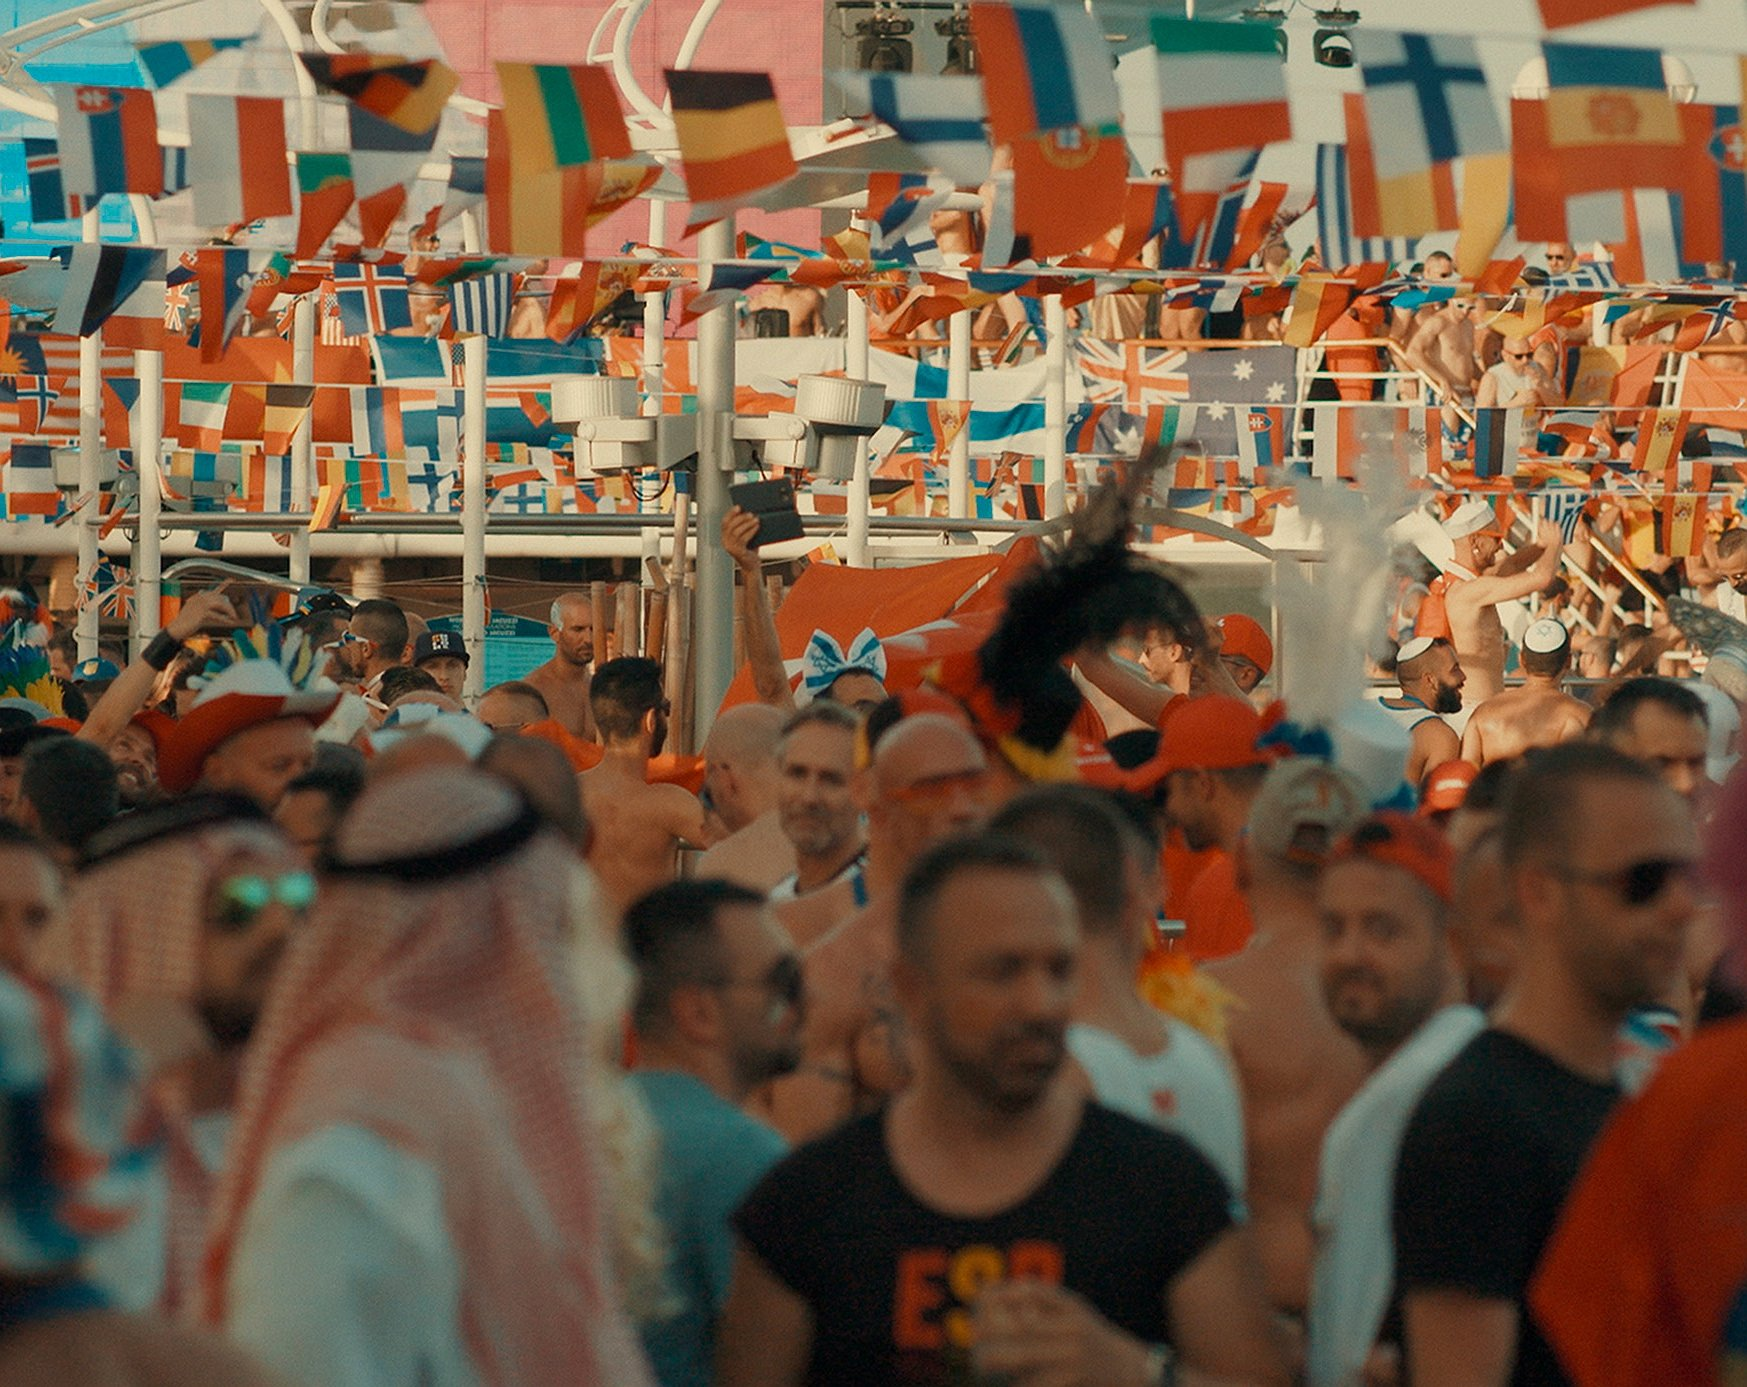 Kijken: 3000 gays op een cruiseschip